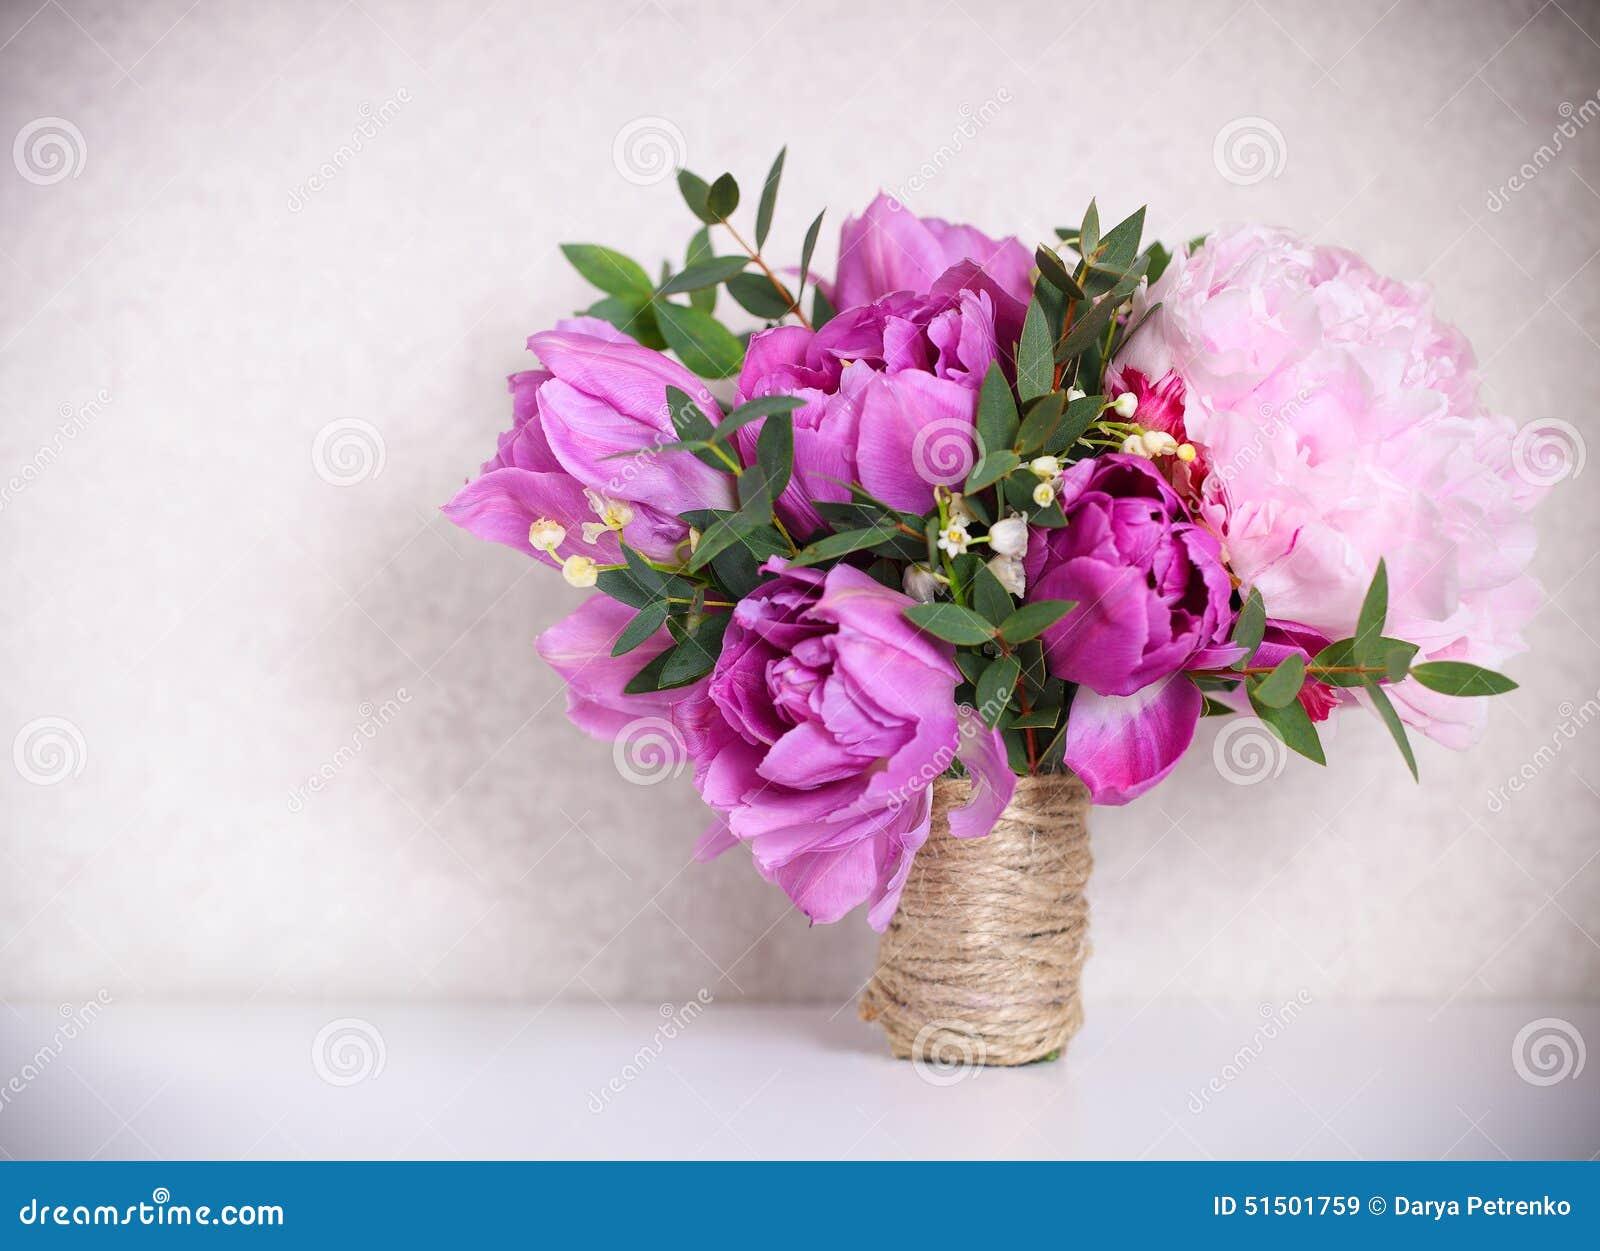 bouquet de mariage de pivoines roses image stock image du livre flore 51501759. Black Bedroom Furniture Sets. Home Design Ideas